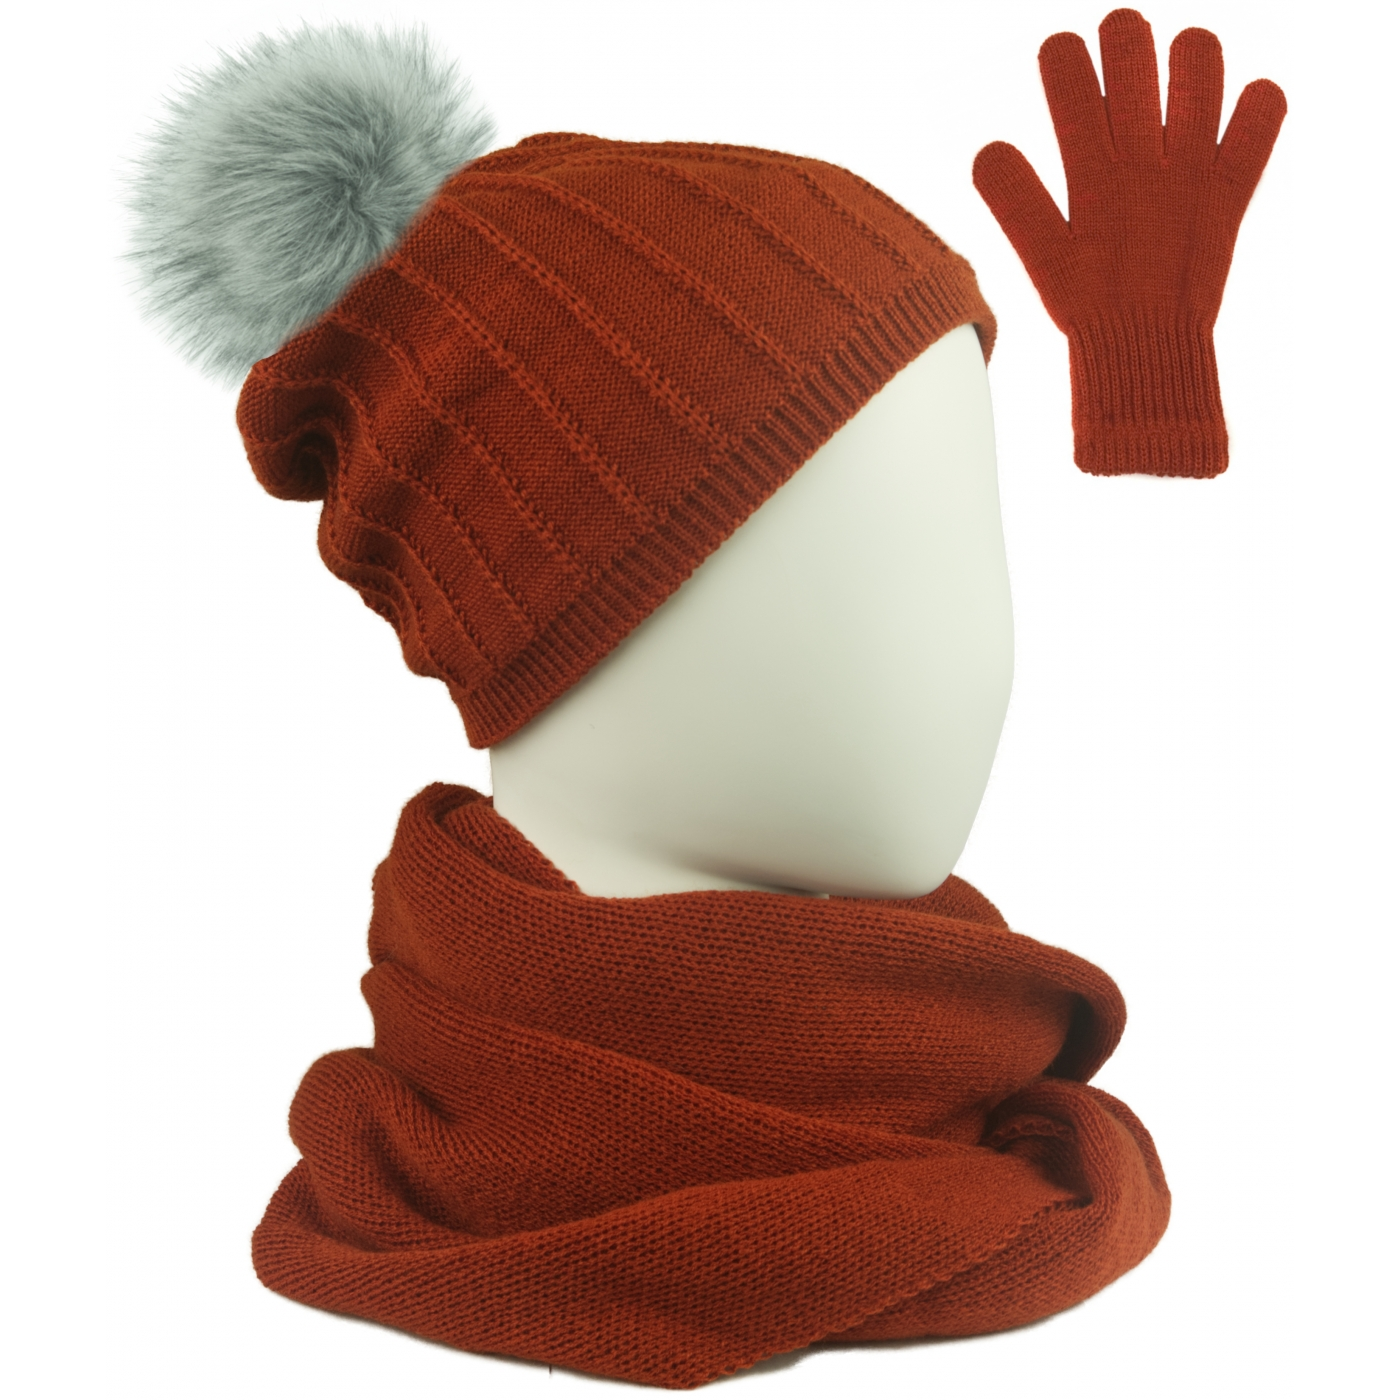 Komplet prążkowana czapka z pomponem, szalik komin i rękawiczki - rudy